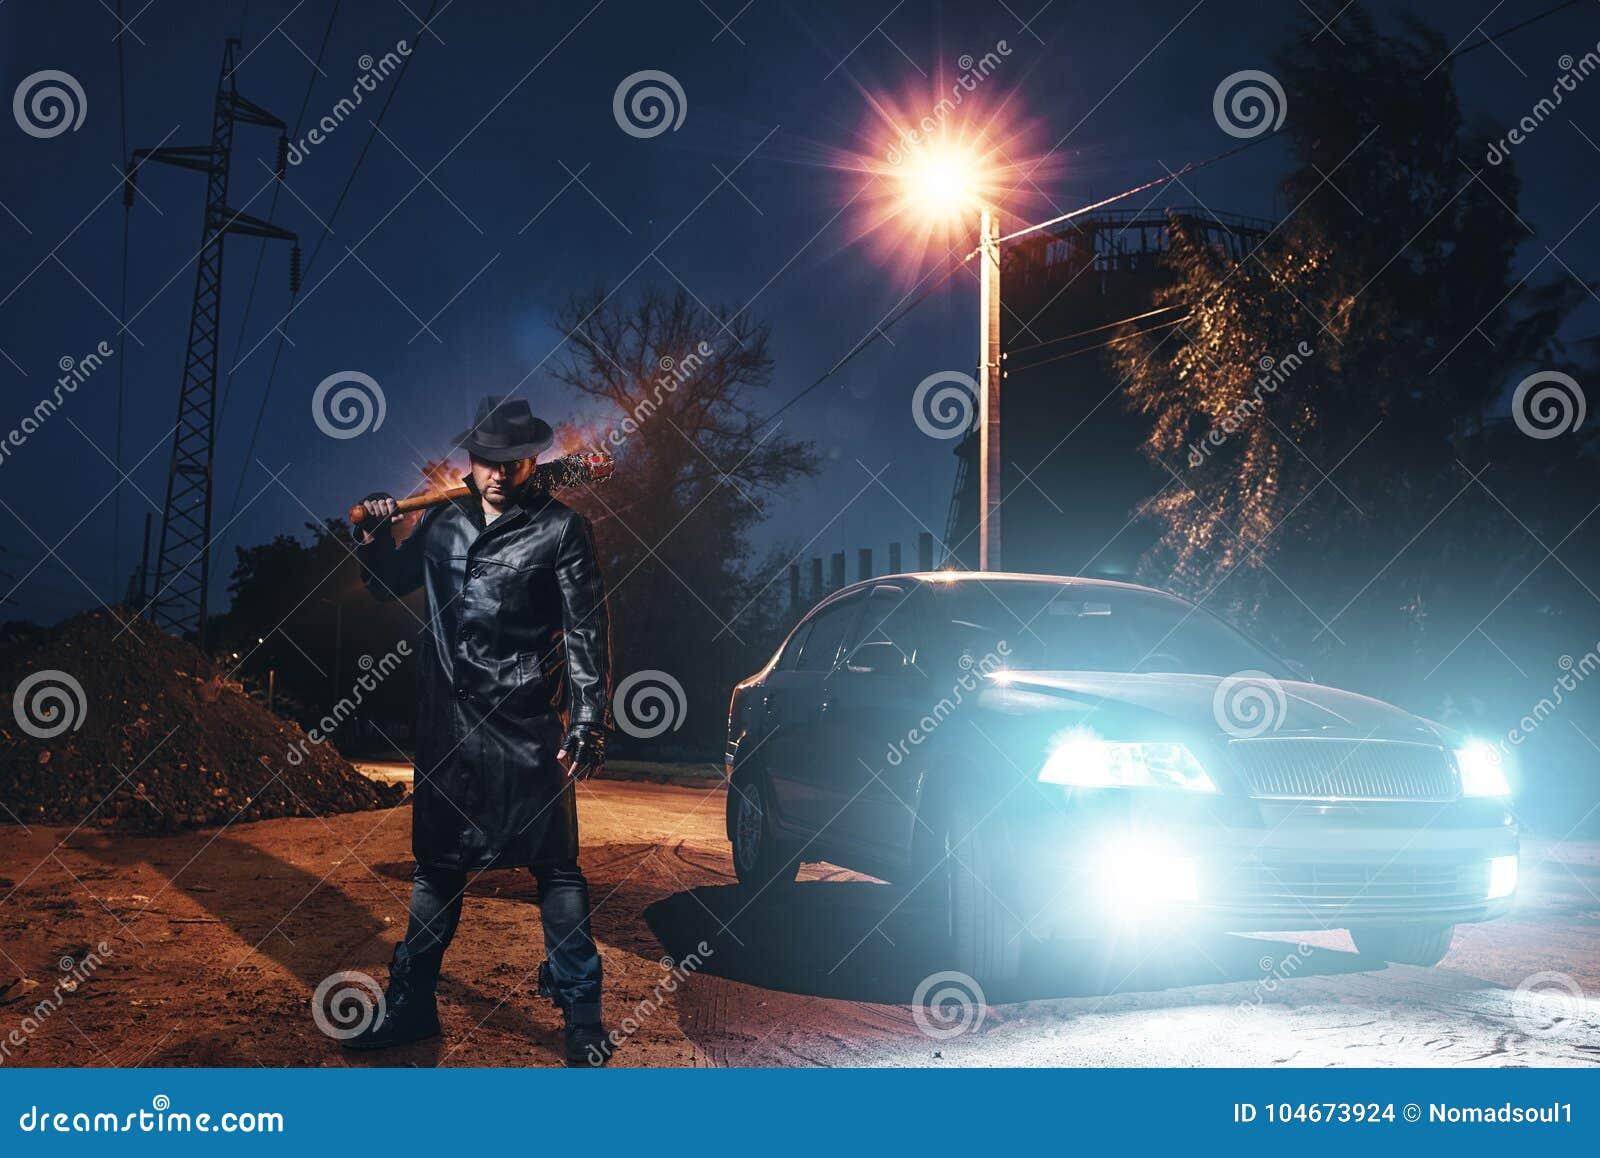 Maniac with bloody baseball bat against black car